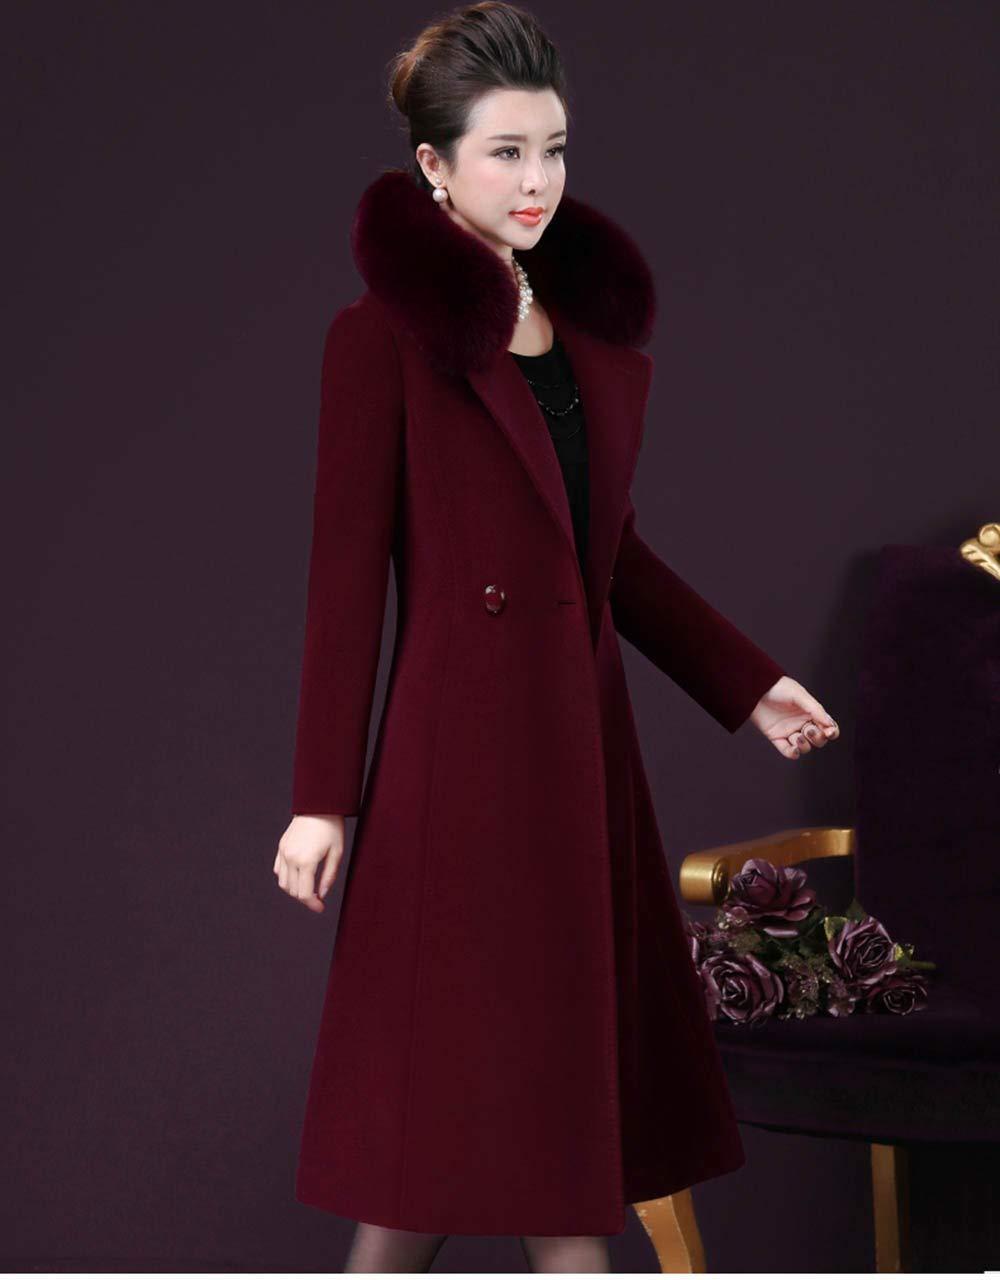 ... EGCRA Cappotti Donna Cappotto da Donna Cappotti Cappotto Invernale  Collo Lungo da Donna Slim Fit Caldo bd26d24f83b